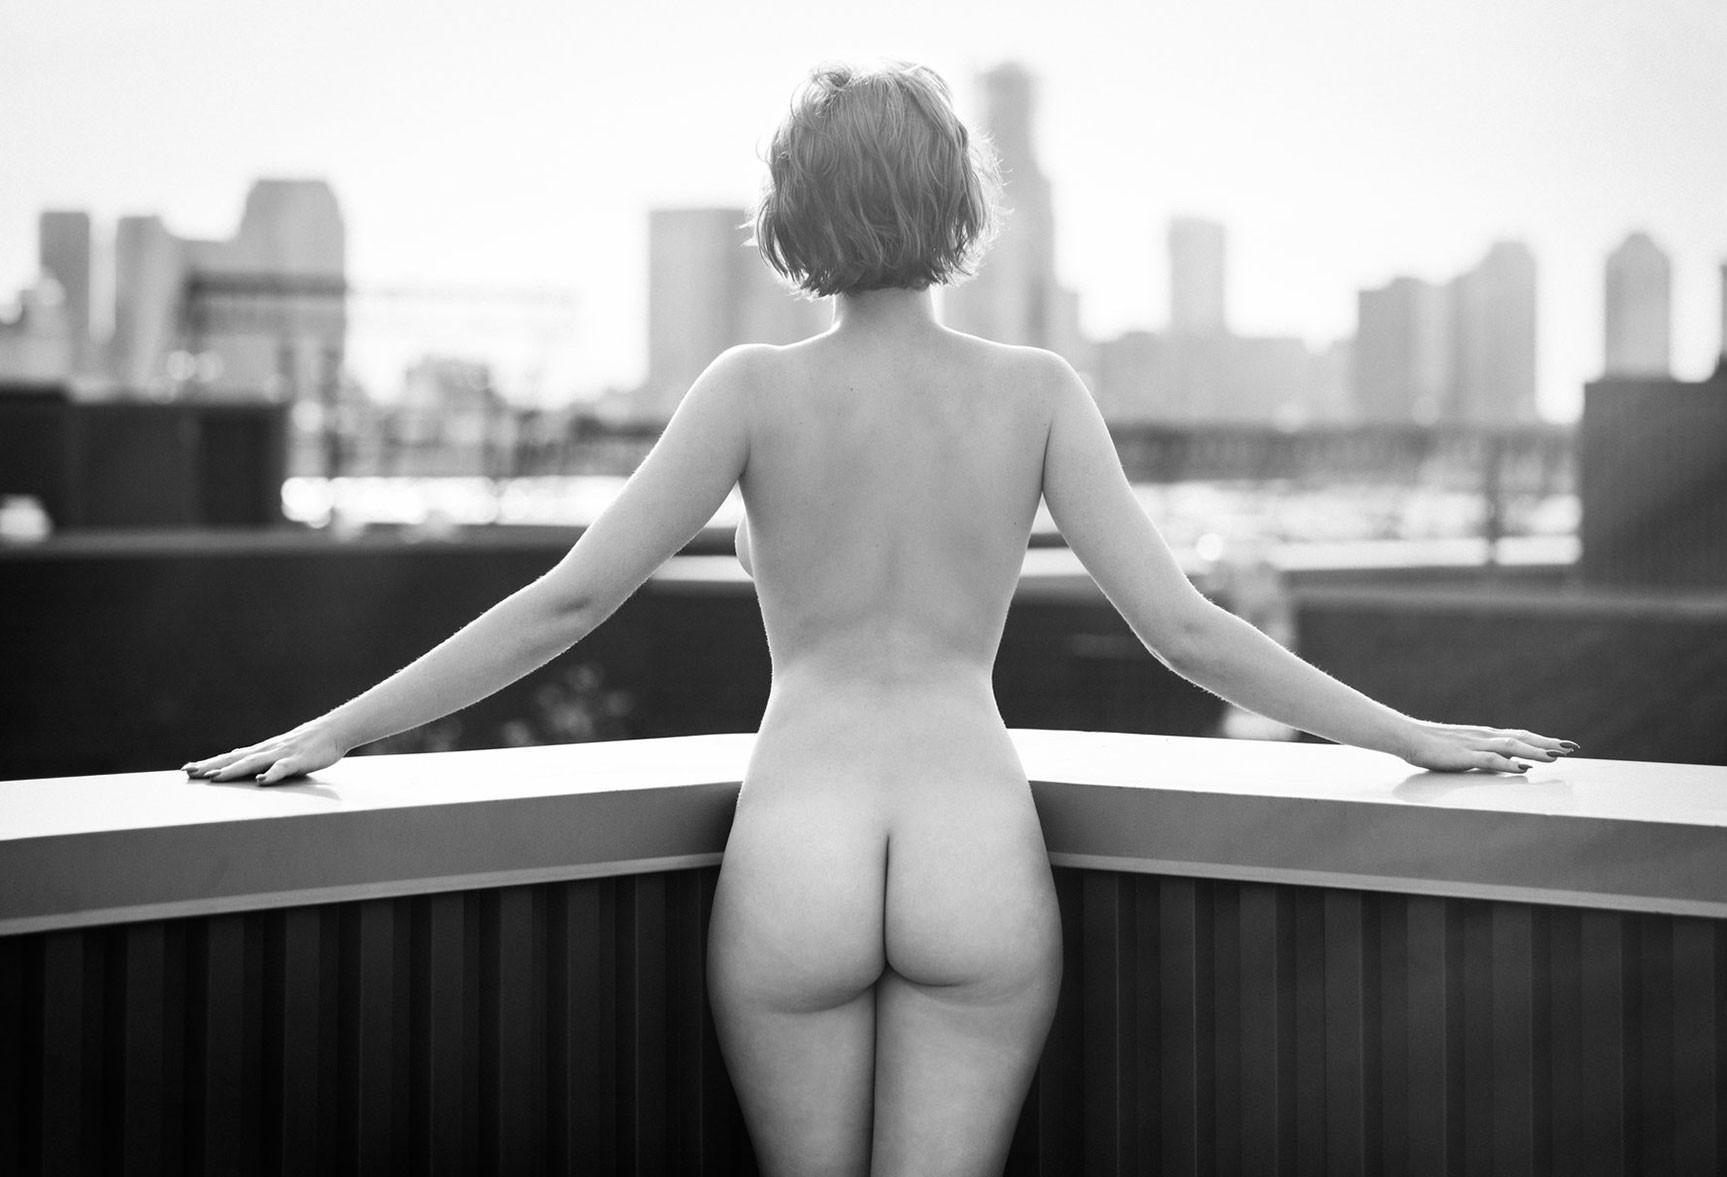 Beautiful Priyanka Chopra Nude Celeb Deeep Fake